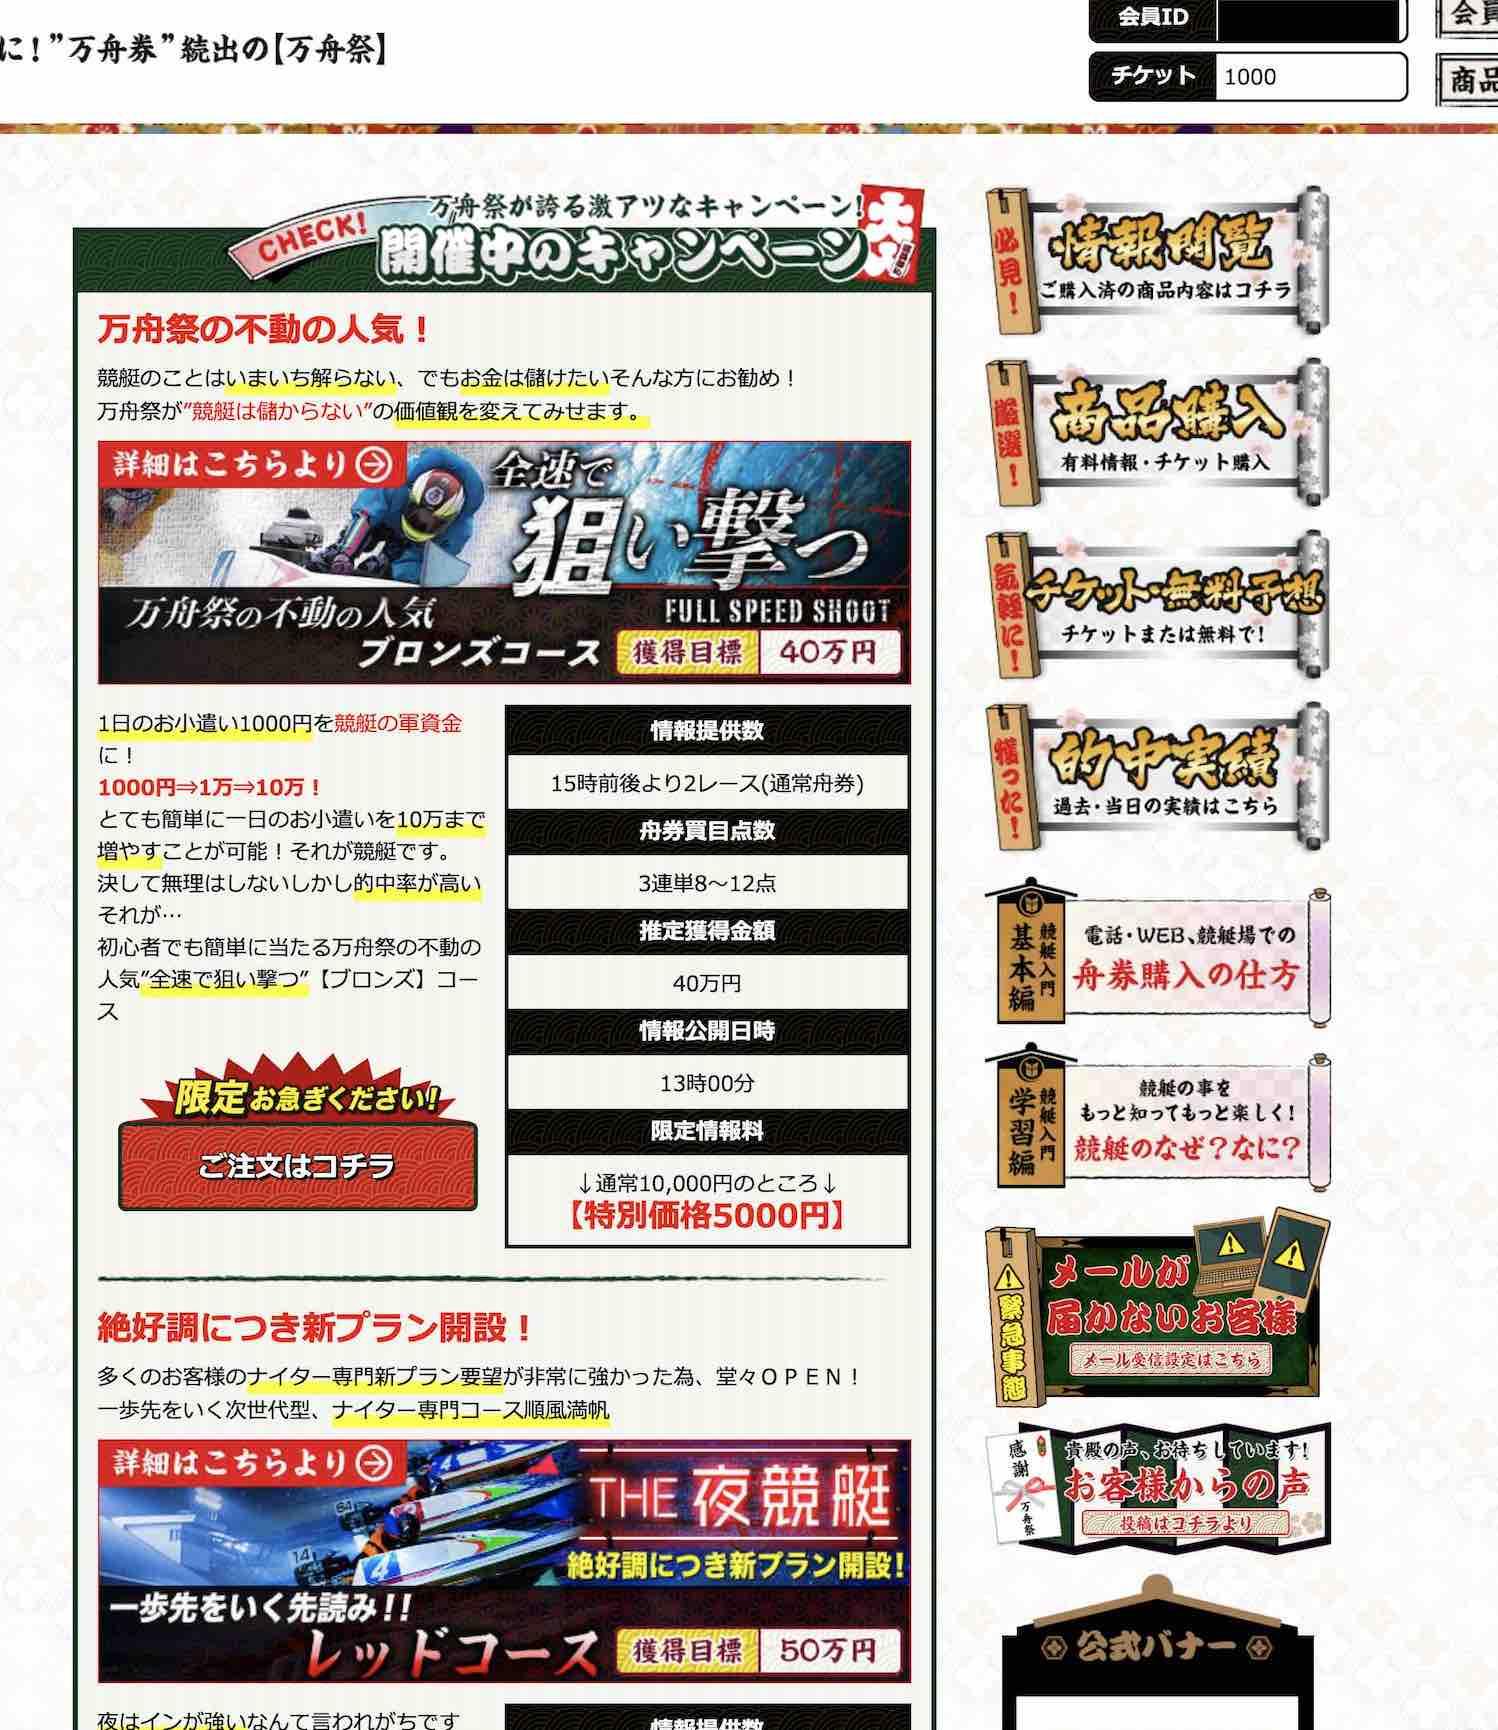 万舟祭という競艇予想サイト(ボートレース予想サイト)の会員ページ